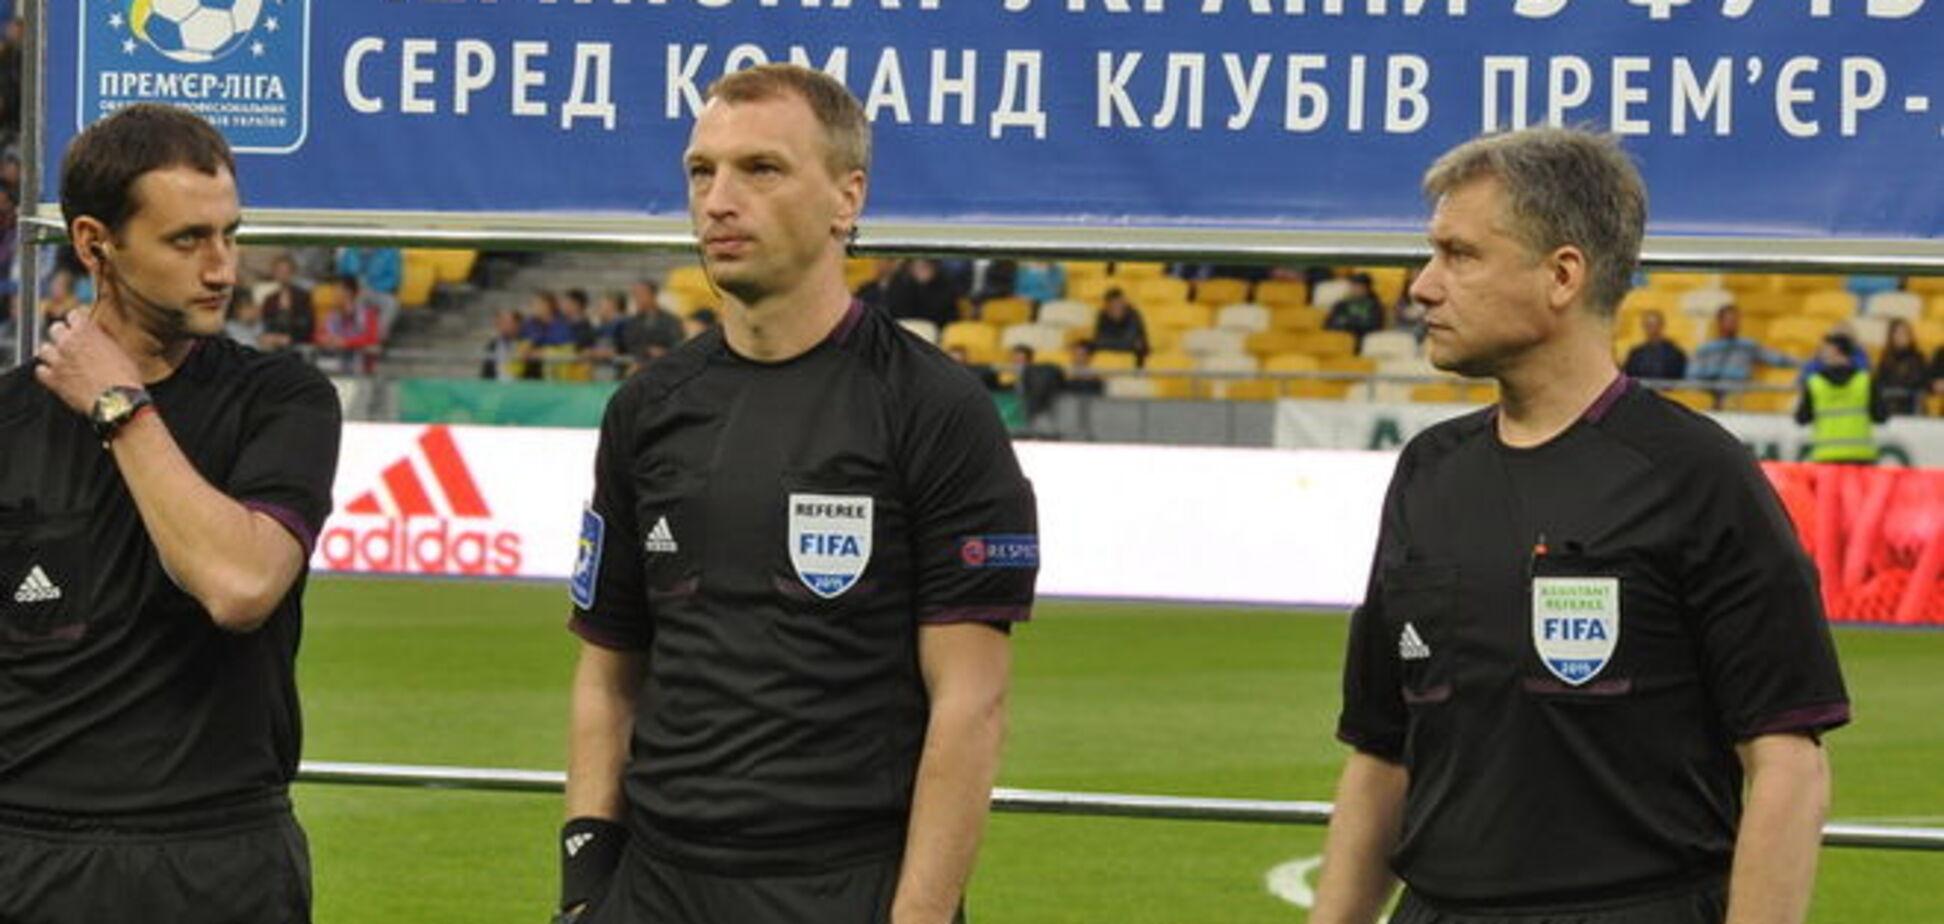 Де дивитися матчі 1-го туру чемпіонату України: розклад трансляцій